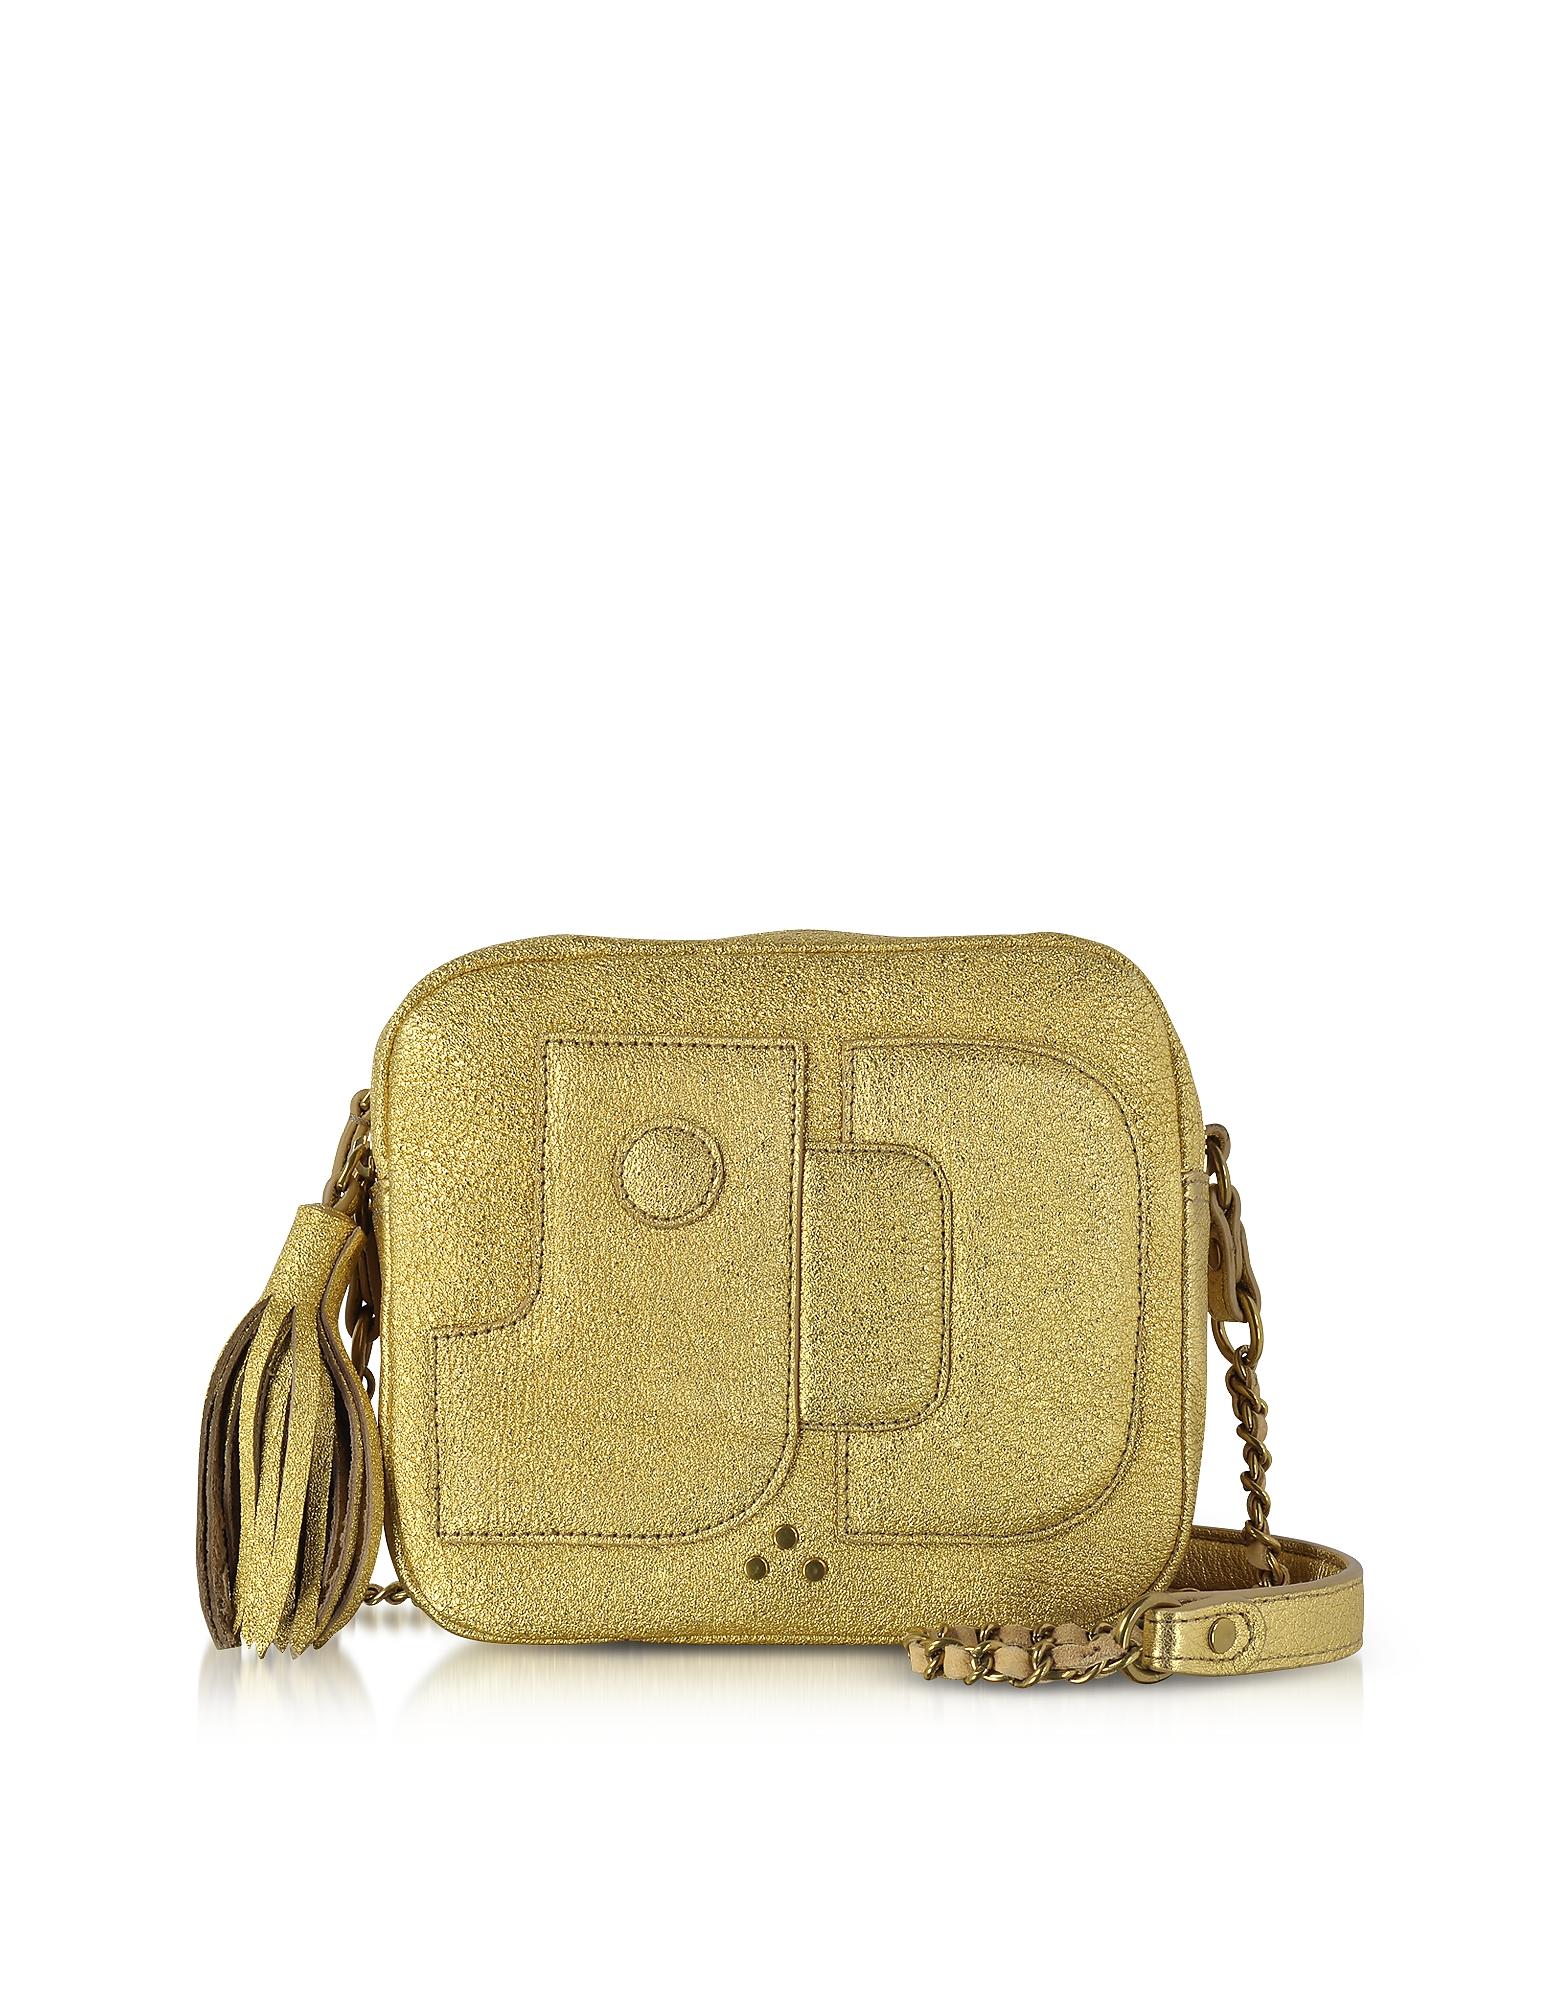 Jerome Dreyfuss Handbags, Golden Leather Pascal Shoulder Bag